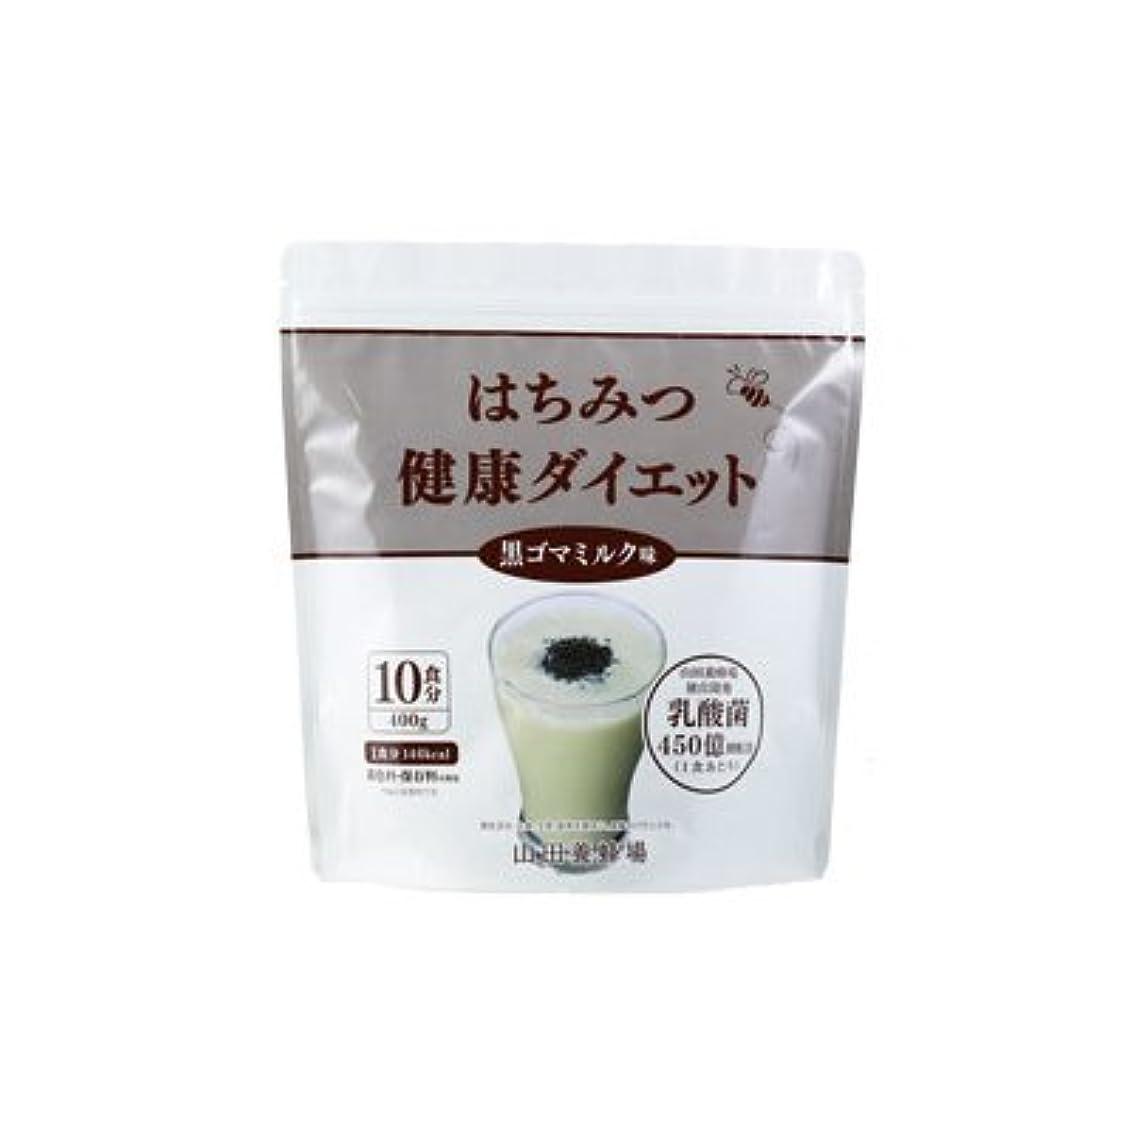 革命ラインしっとりはちみつ健康ダイエット 【黒ごまミルク味】400g(10食分)